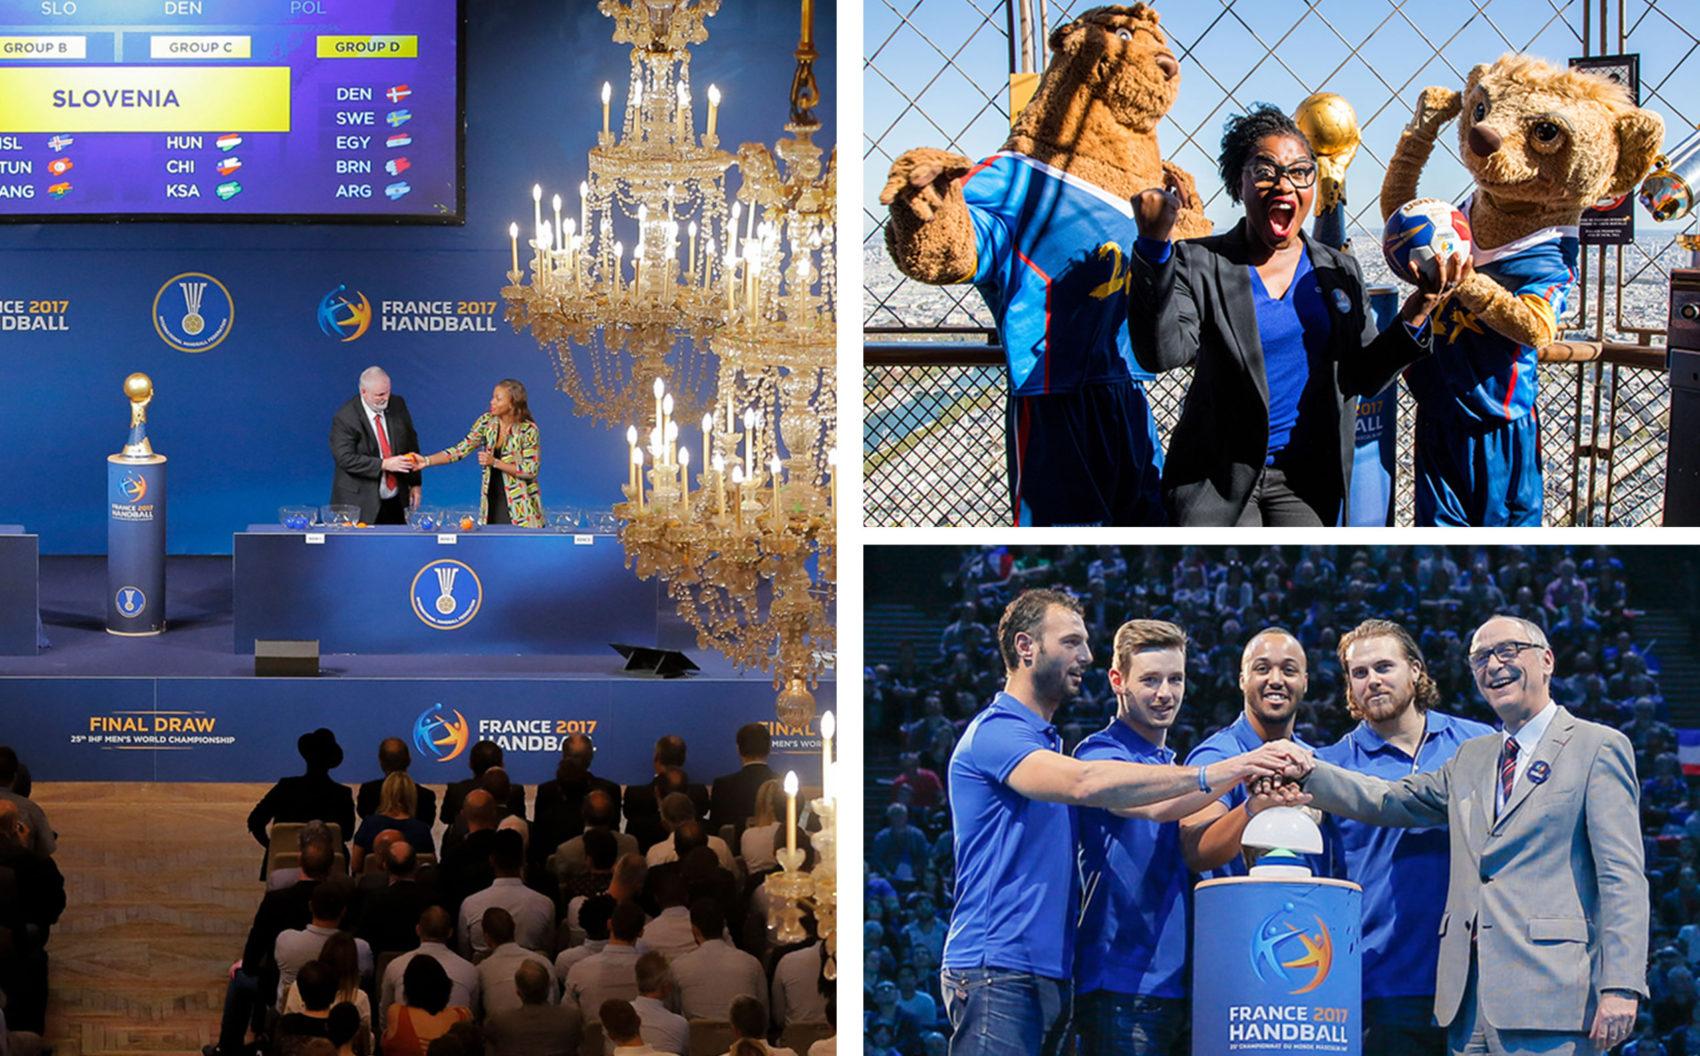 04_Projet_France_Handball_2017_social_media